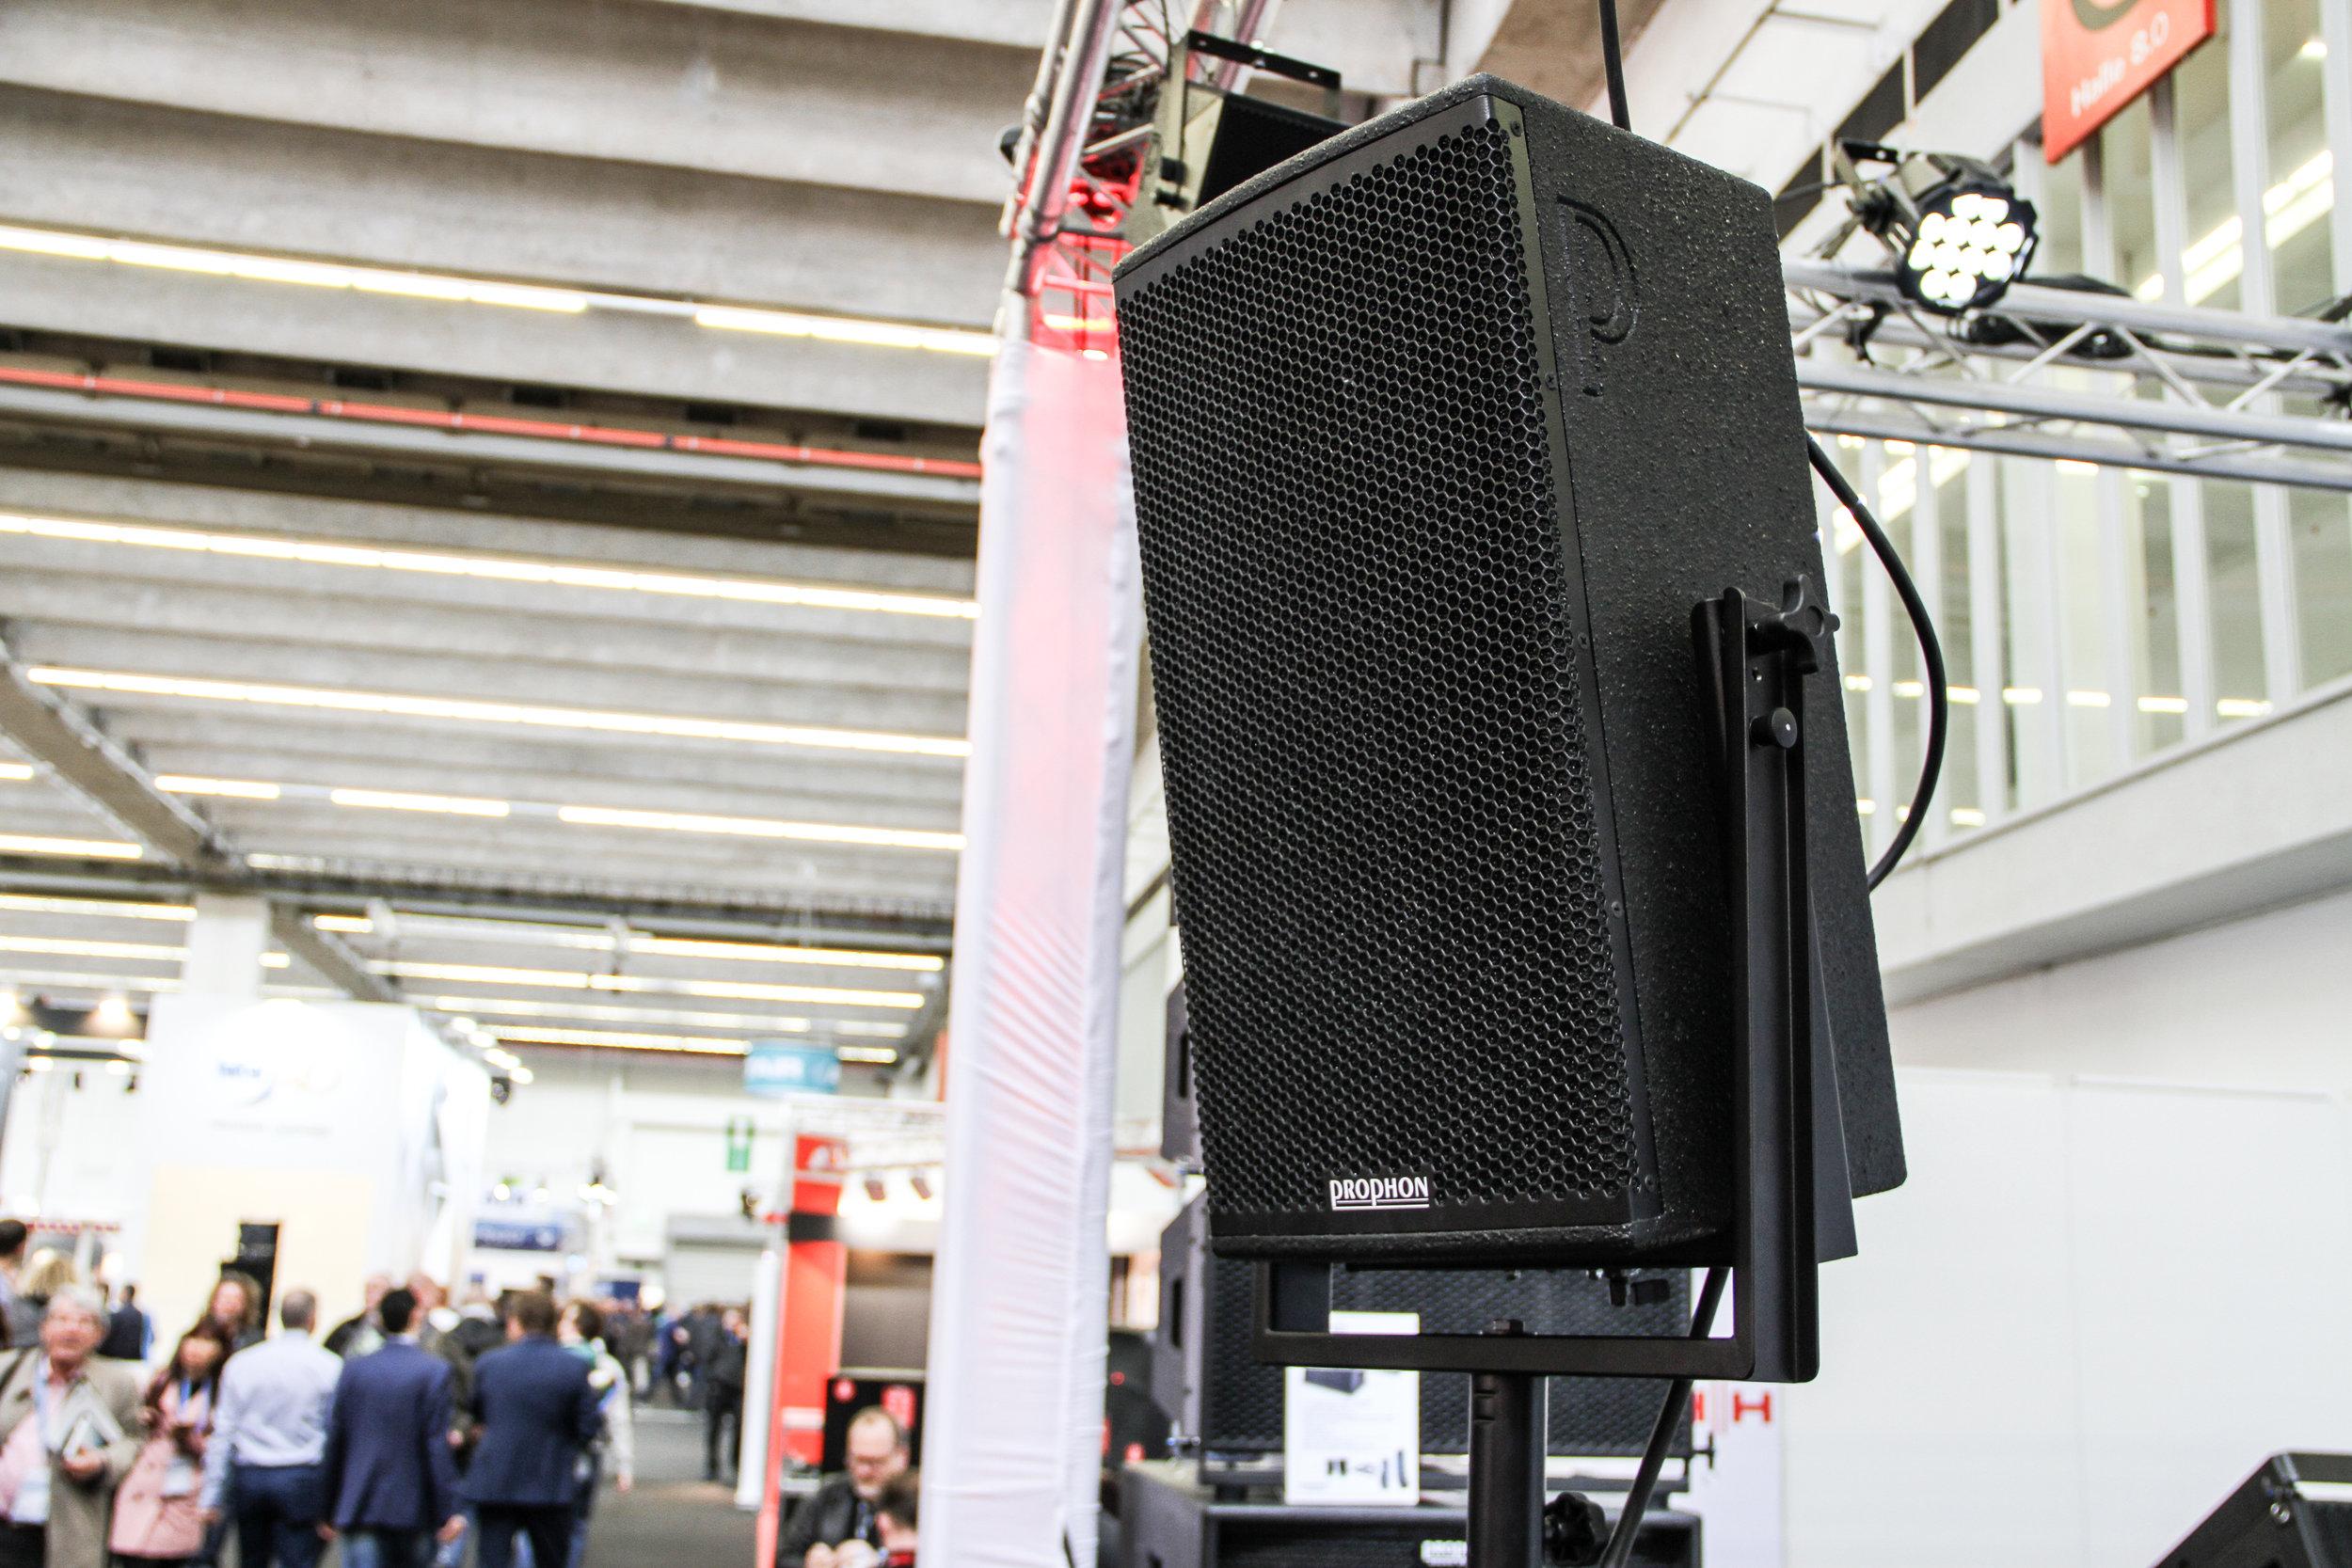 Svenska Prophon hade flera nyheter med sig. En av dessa var serien PX, som inkluderade modellerna PX28 och PX210.